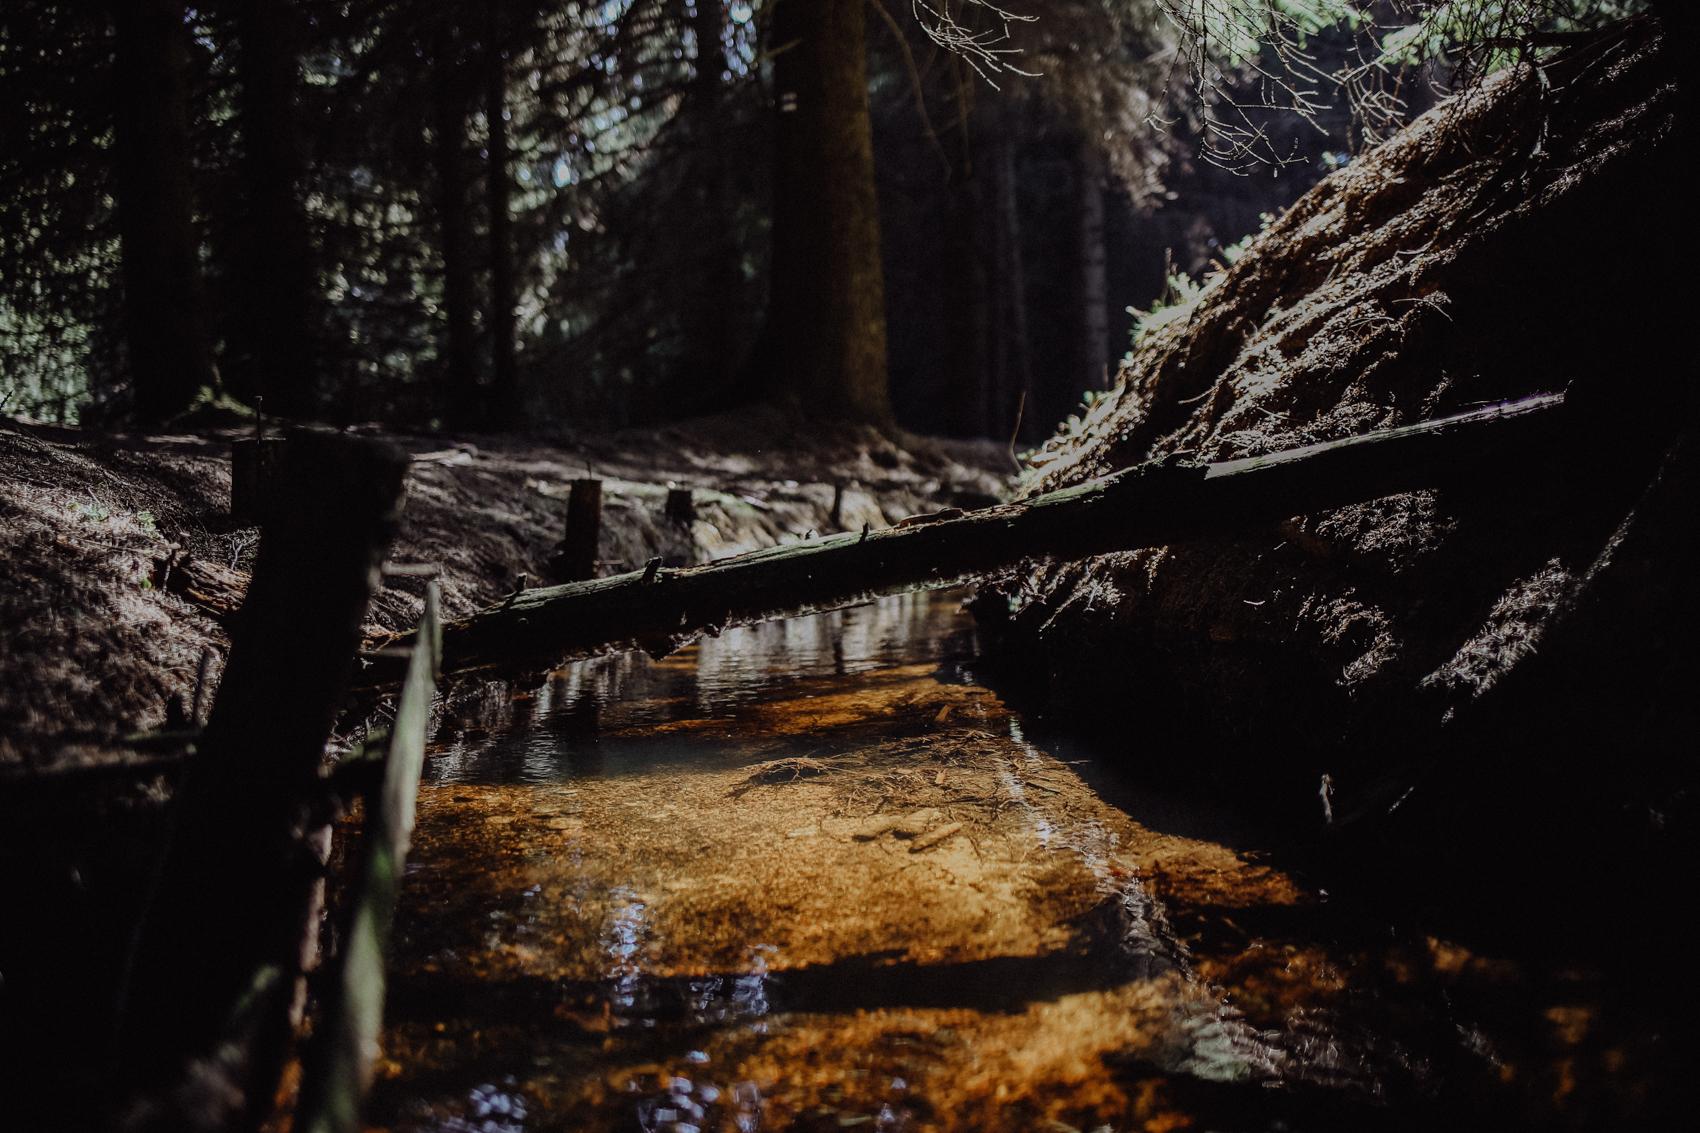 """Der Grüne Graben Der Grüne Graben ist ein schmaler, künstlicher Flusslauf von 8 Kilometern Länge und wurde bereits im 17. Jahrhundert angelegt, um mit dem abgeleiteten Wasser der Schwarzen Pockau das """"Kunstgezeuge"""" der Pobershauer Bergwerke anzutreiben. """"Kunstgezeuge"""" haben in diesem Fall aber nichts mit Kunst zu tun, sondern meinen die Maschinen der Bergarbeiter wie beispielsweise Wasserräder. Heute treibt der plätschernde Bach immer noch Wasserräder an - allerdings nur noch die kleinen, die entlang des Weges immer wieder im Wasser hängen und dort fröhlich vor sich hin kreiseln."""